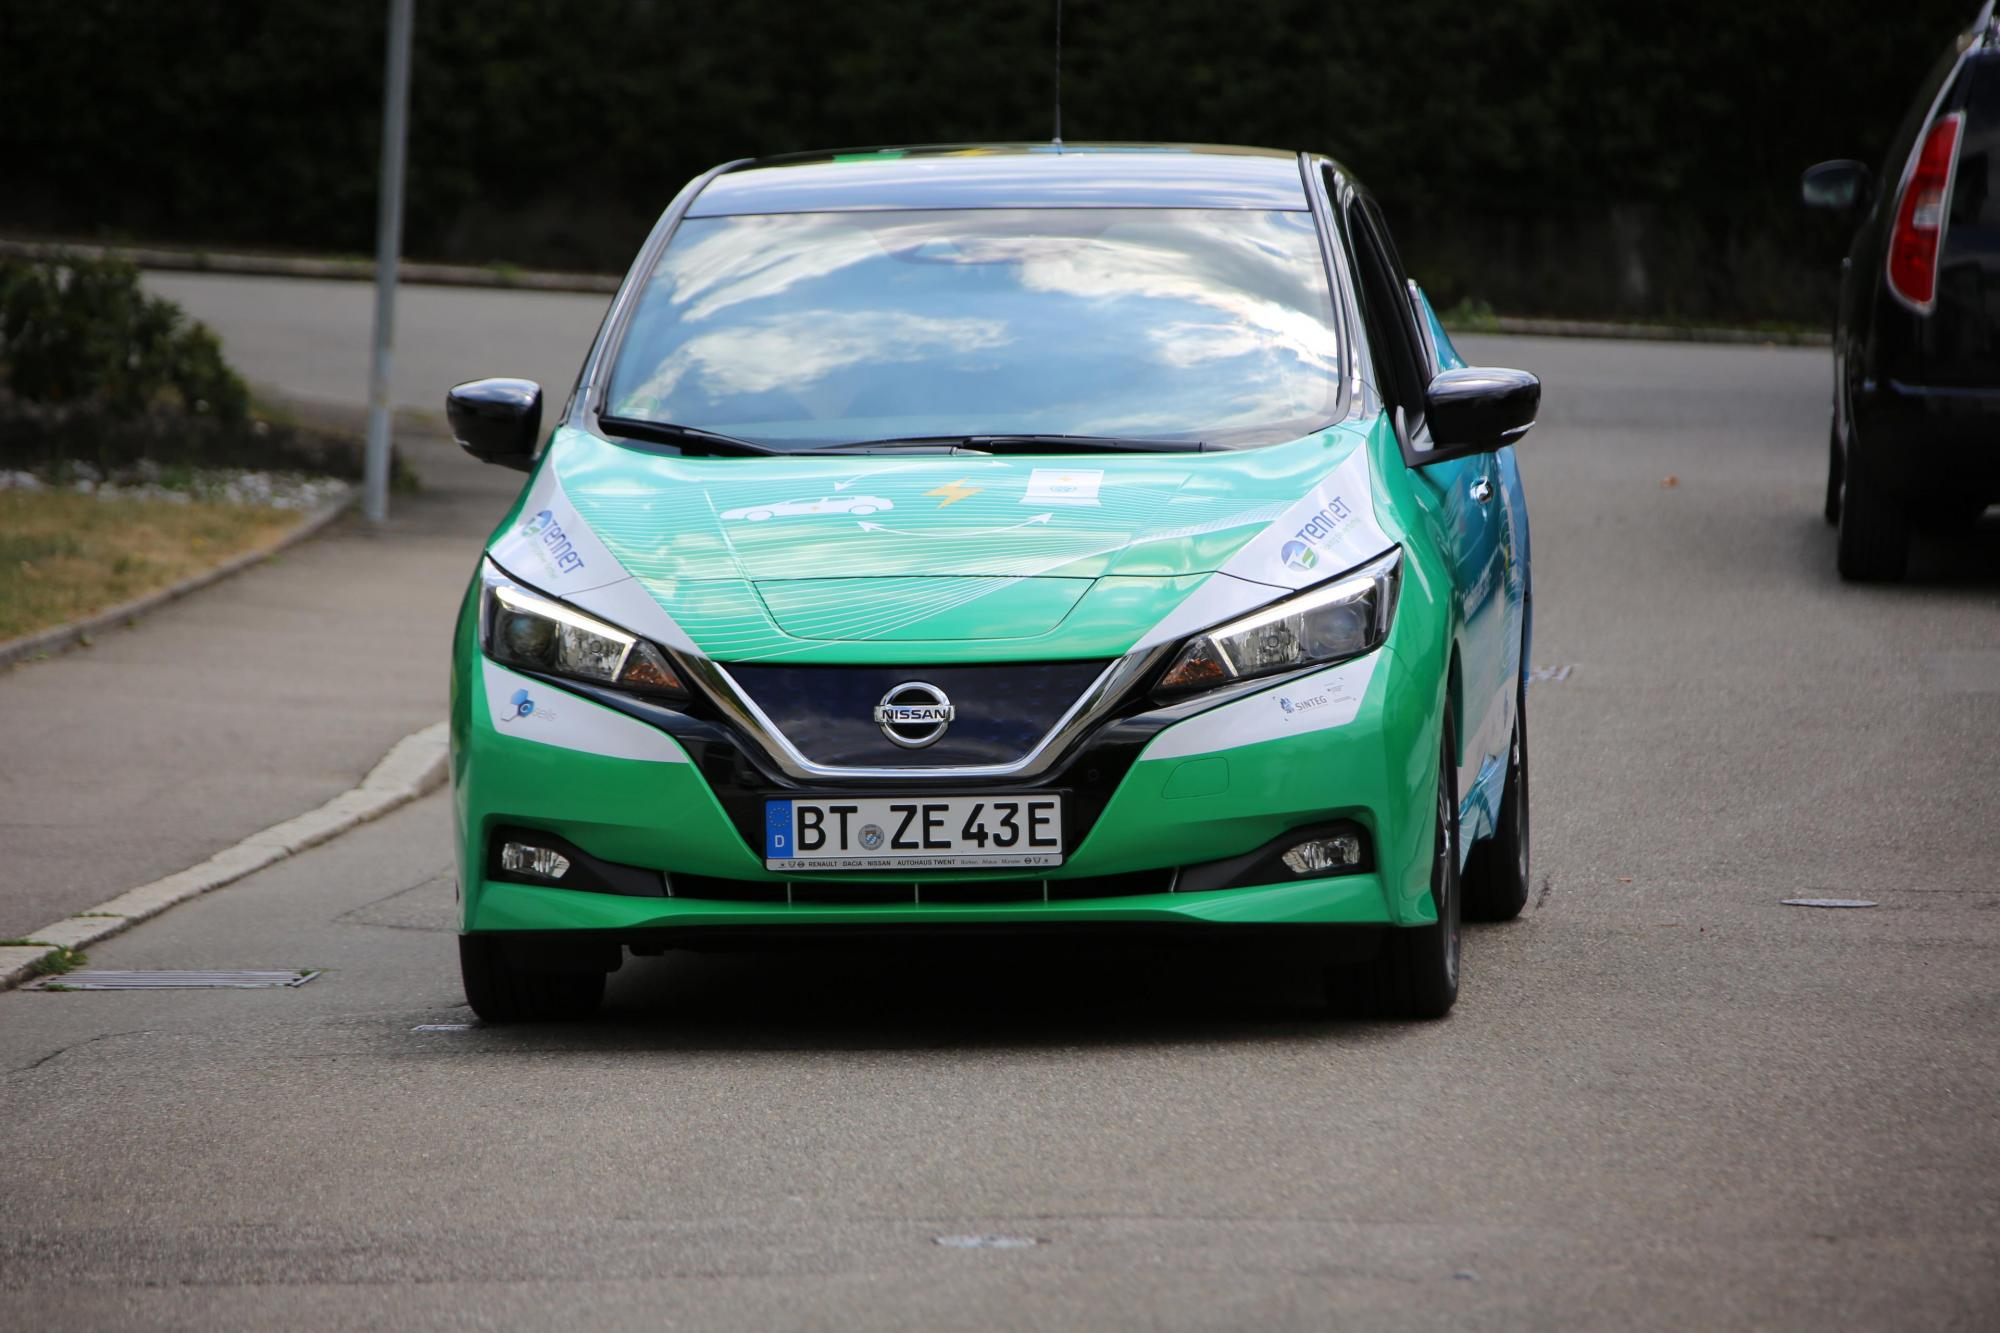 Τα ηλεκτρικά αυτοκίνητα μειώνουν τις εκπομπές CO2